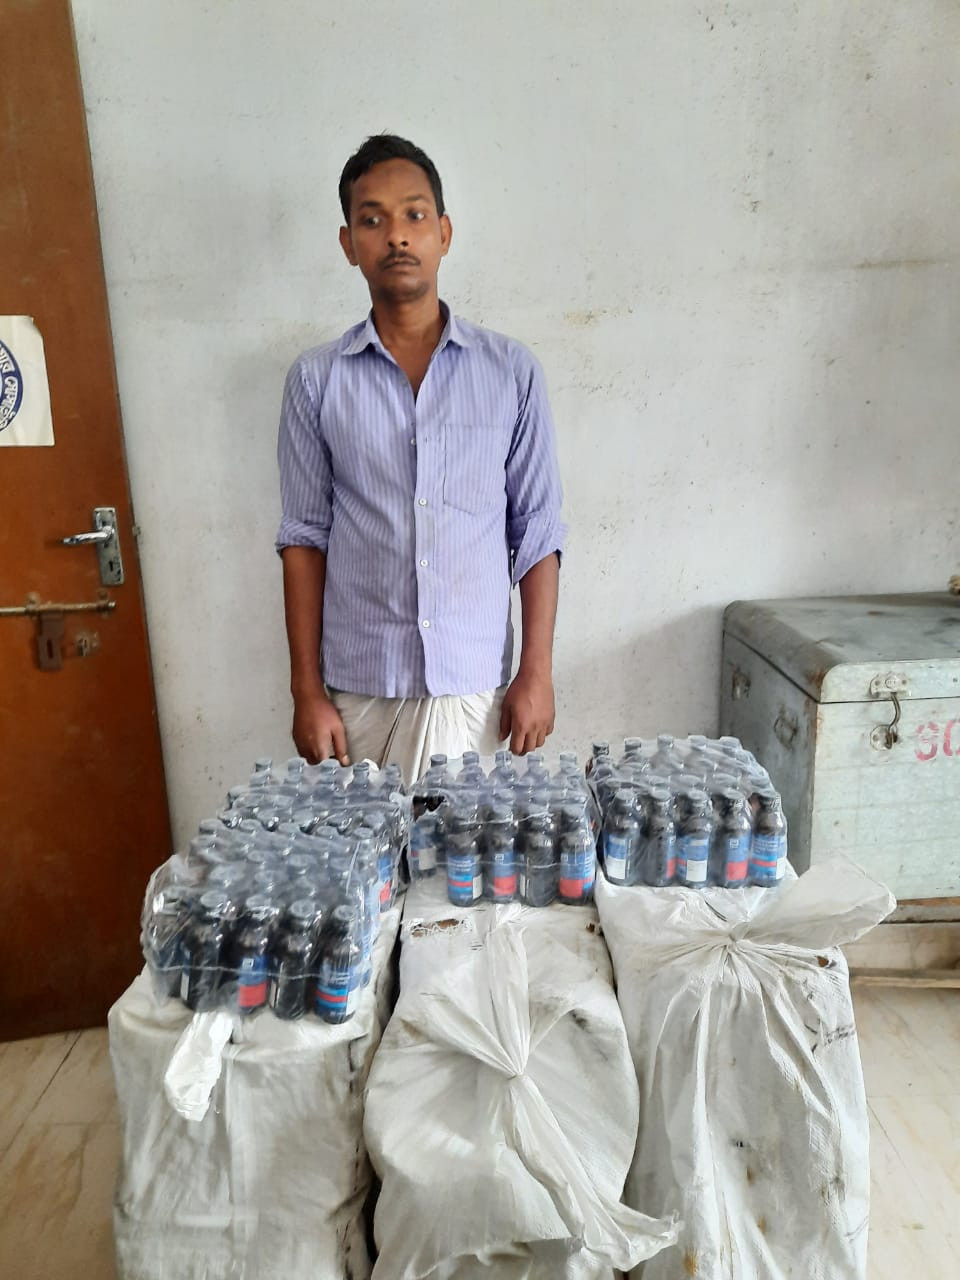 Huge amount of drugs seized in Malda